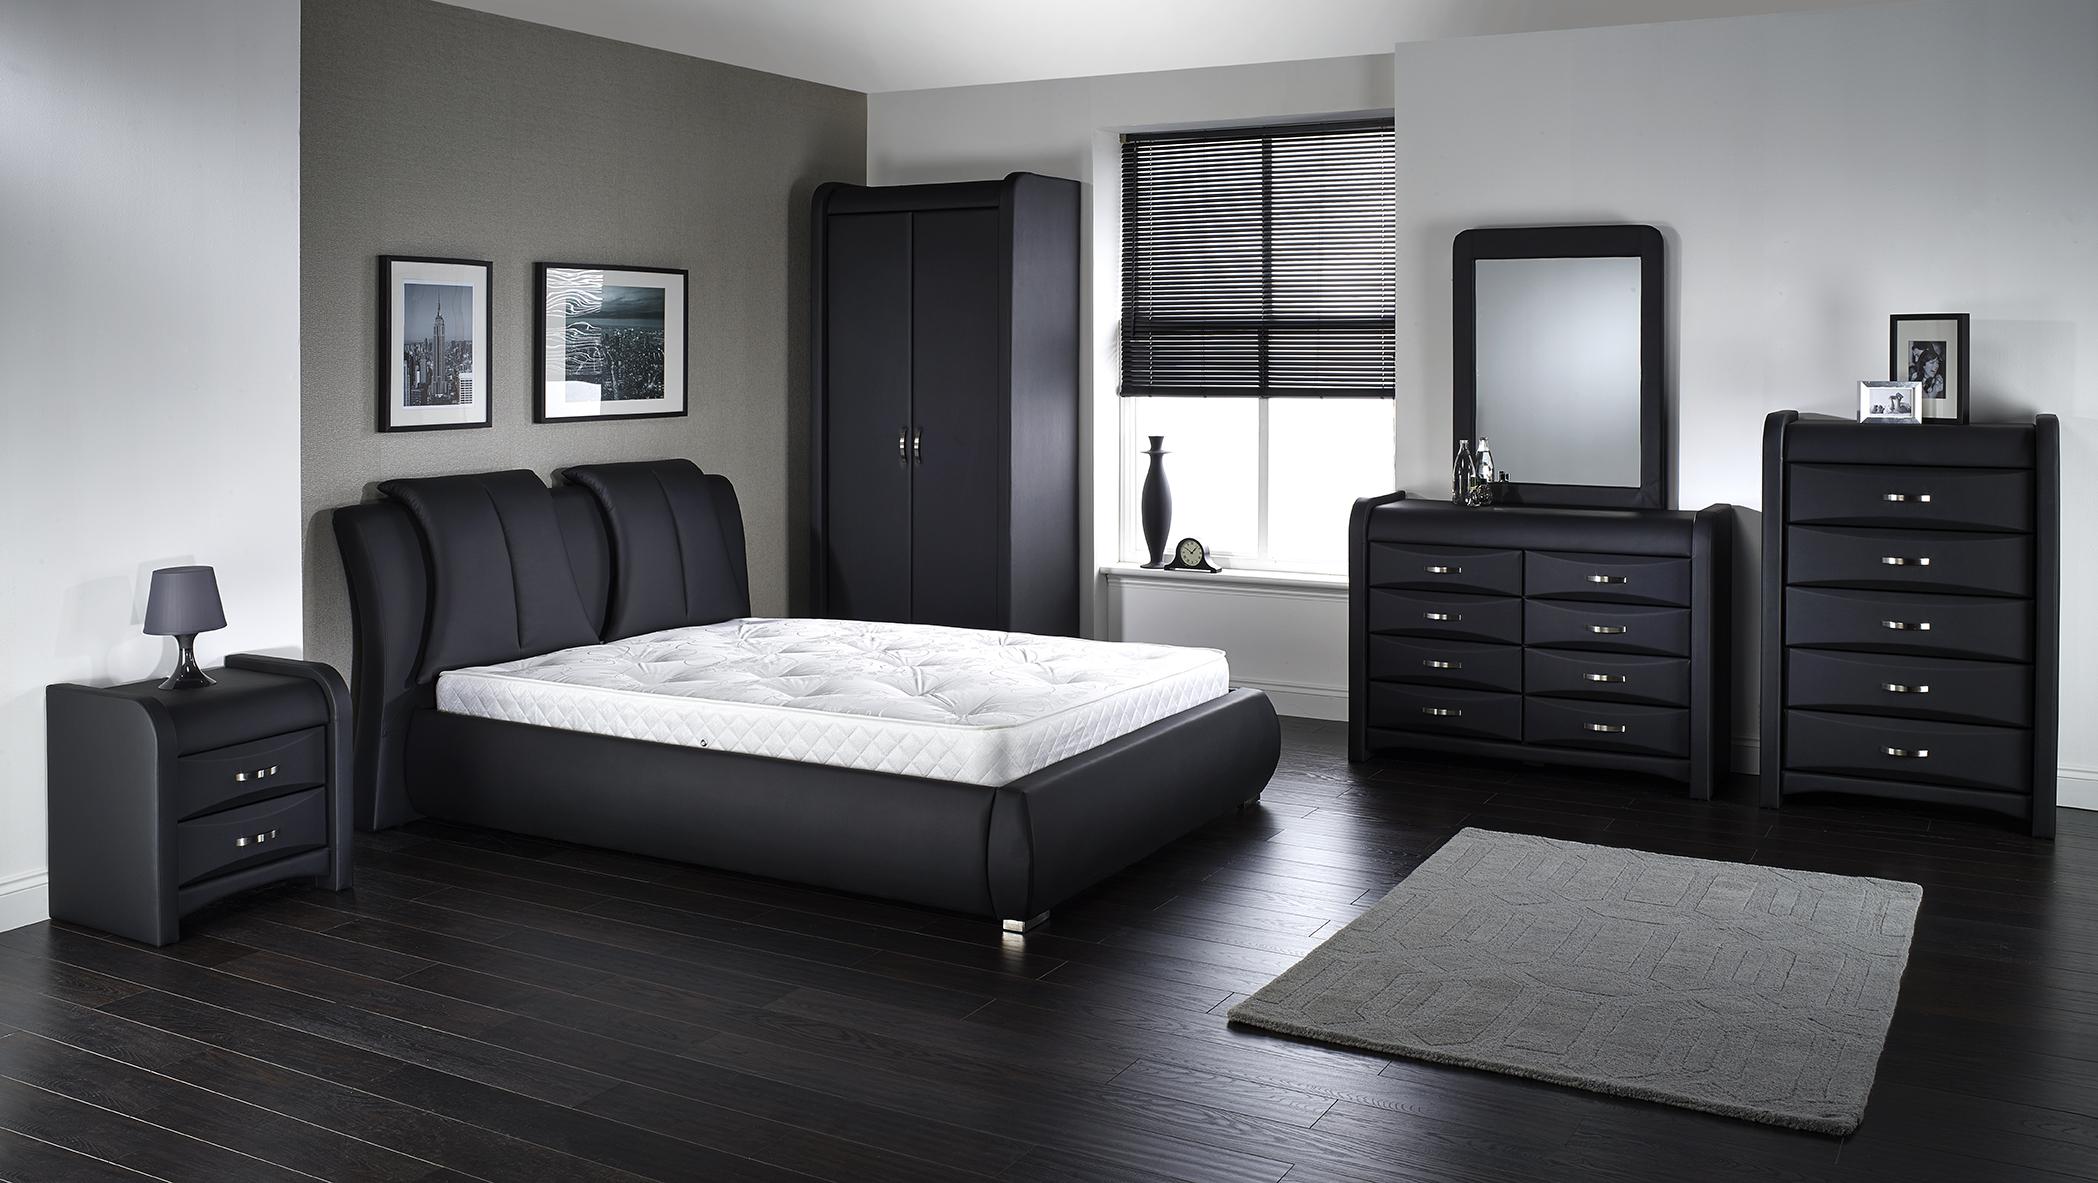 King Size Leather Bedroom Sets - Bedroom design ideas